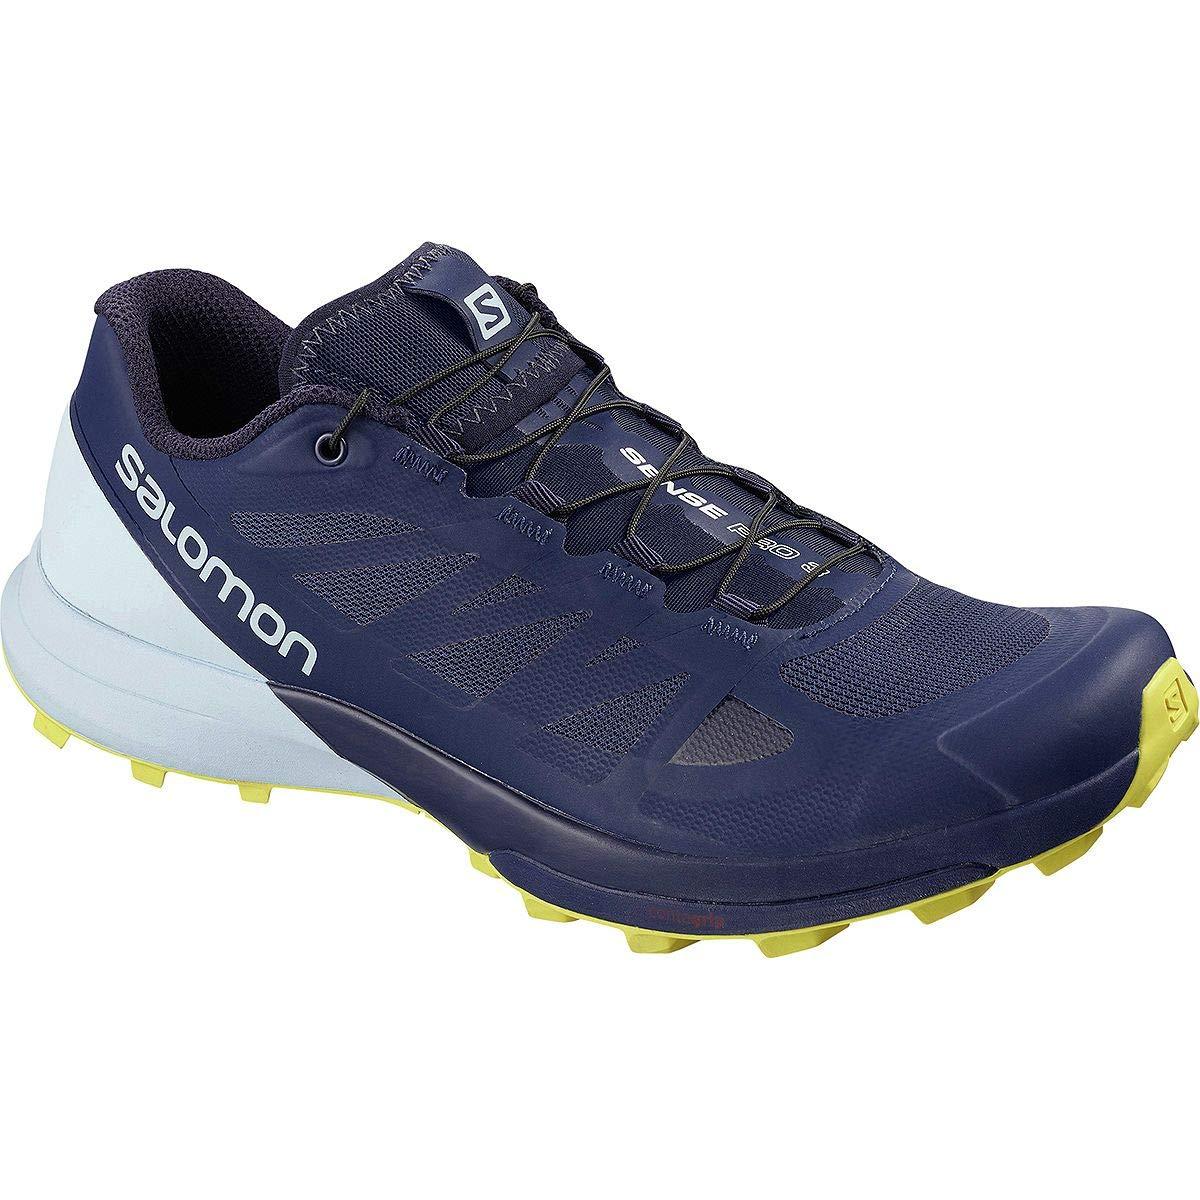 激安 [サロモン] [サロモン] レディース ランニング Sense Pro 3 Running Shoe Pro US-7.5/UK-6.0 [並行輸入品] B07P1T2W99 US-7.5/UK-6.0, 時計&雑貨セレクトショップクロス:1219c638 --- synnexsoftech.com